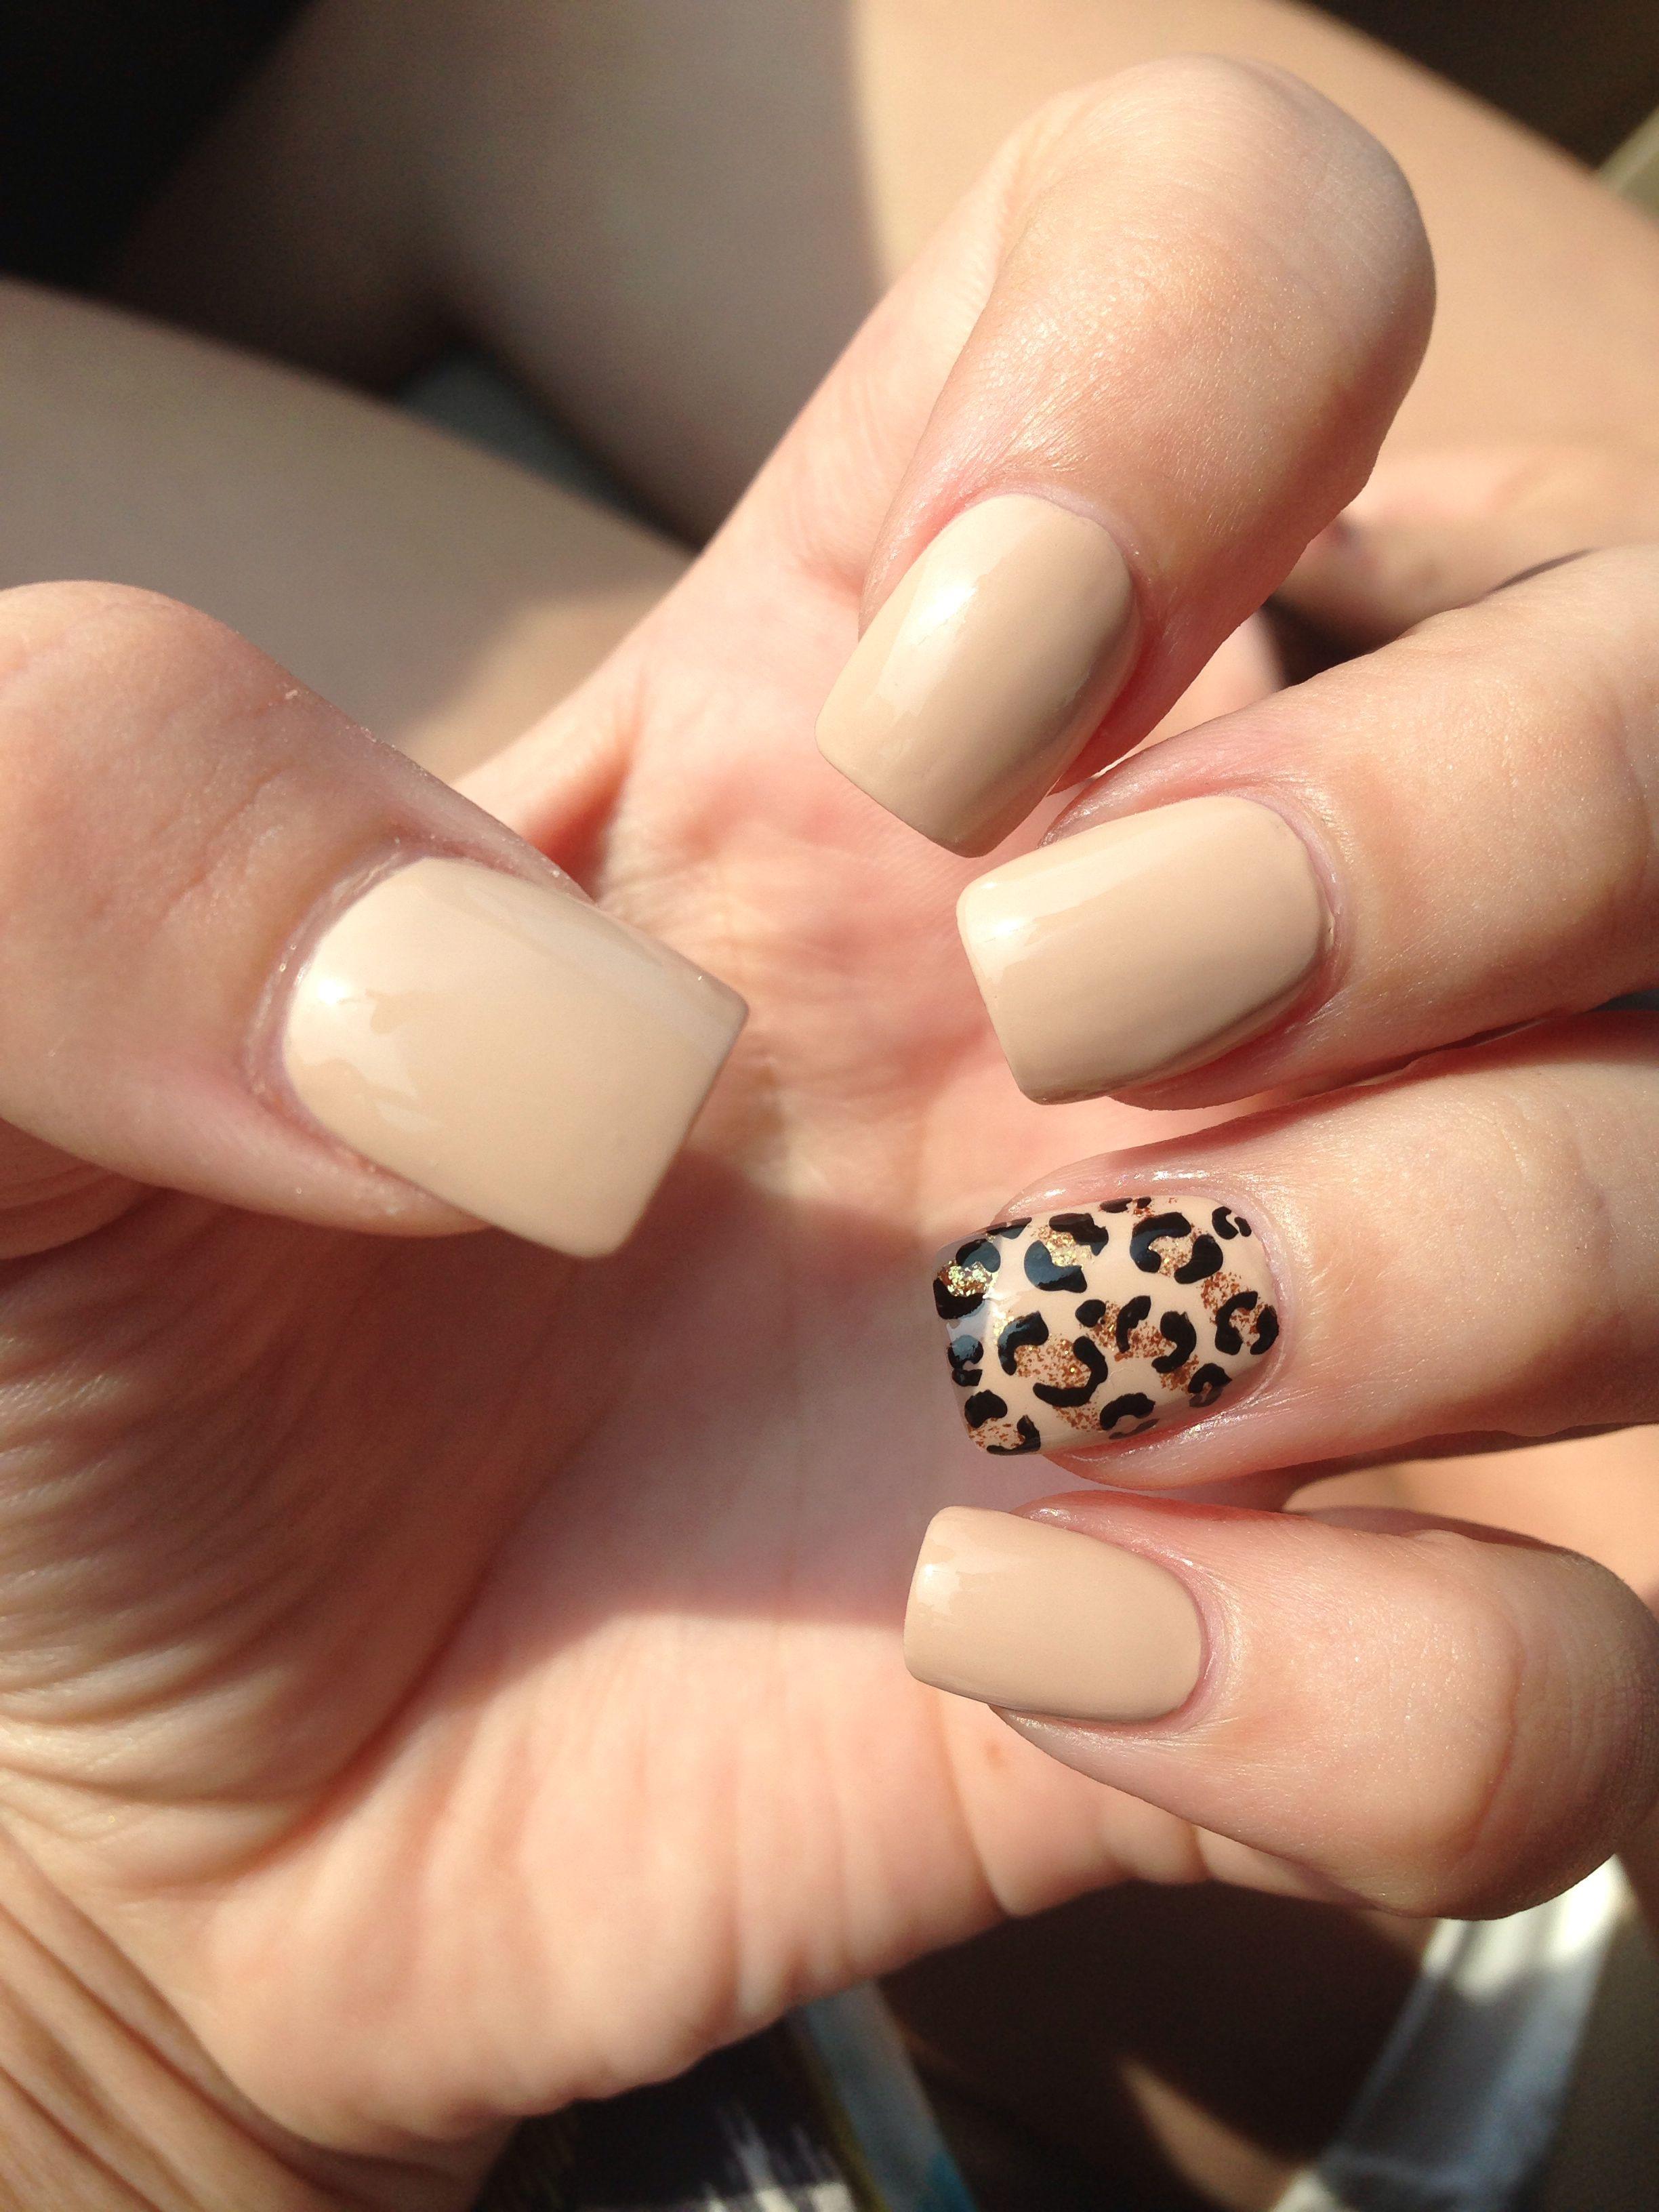 Nude Cheetah Nails Nails Pinterest Cheetah Nails Cheetahs